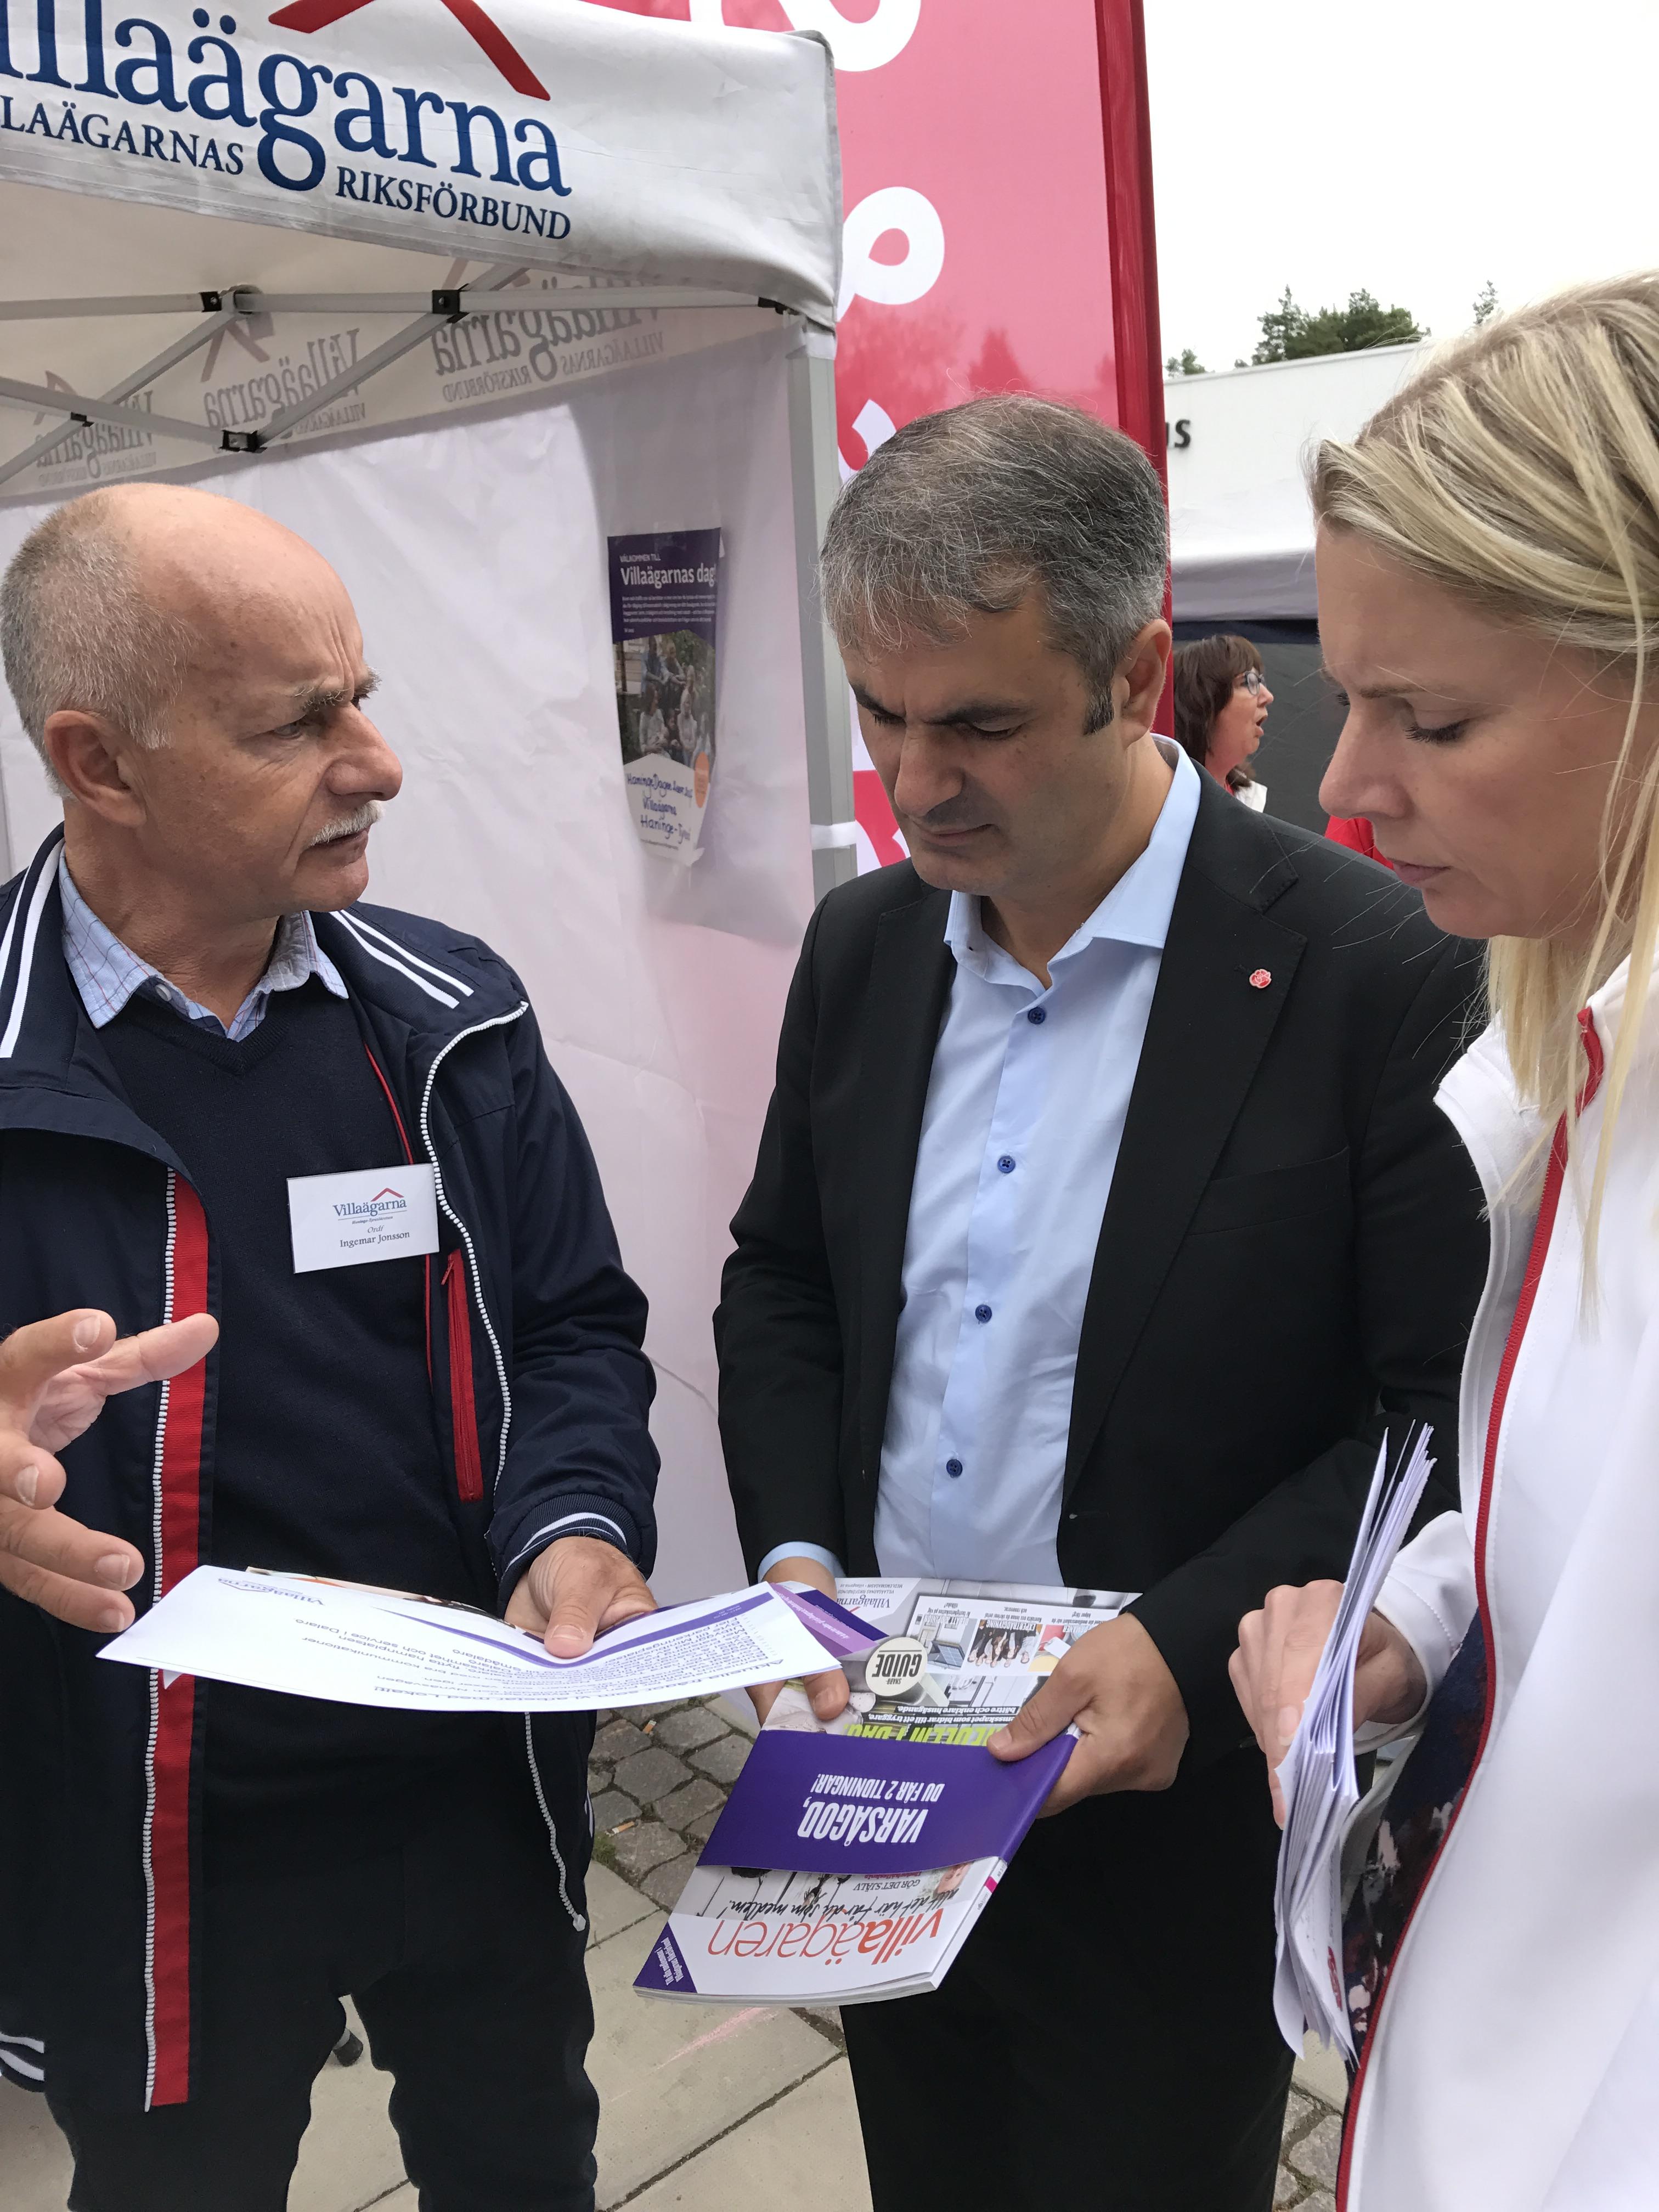 Ibrahim Baylan, samordnings och energiminister och Åsa Westlund, riksdagsledamot, samtalar med företrädare för Villaägarna Haninge Tyresö